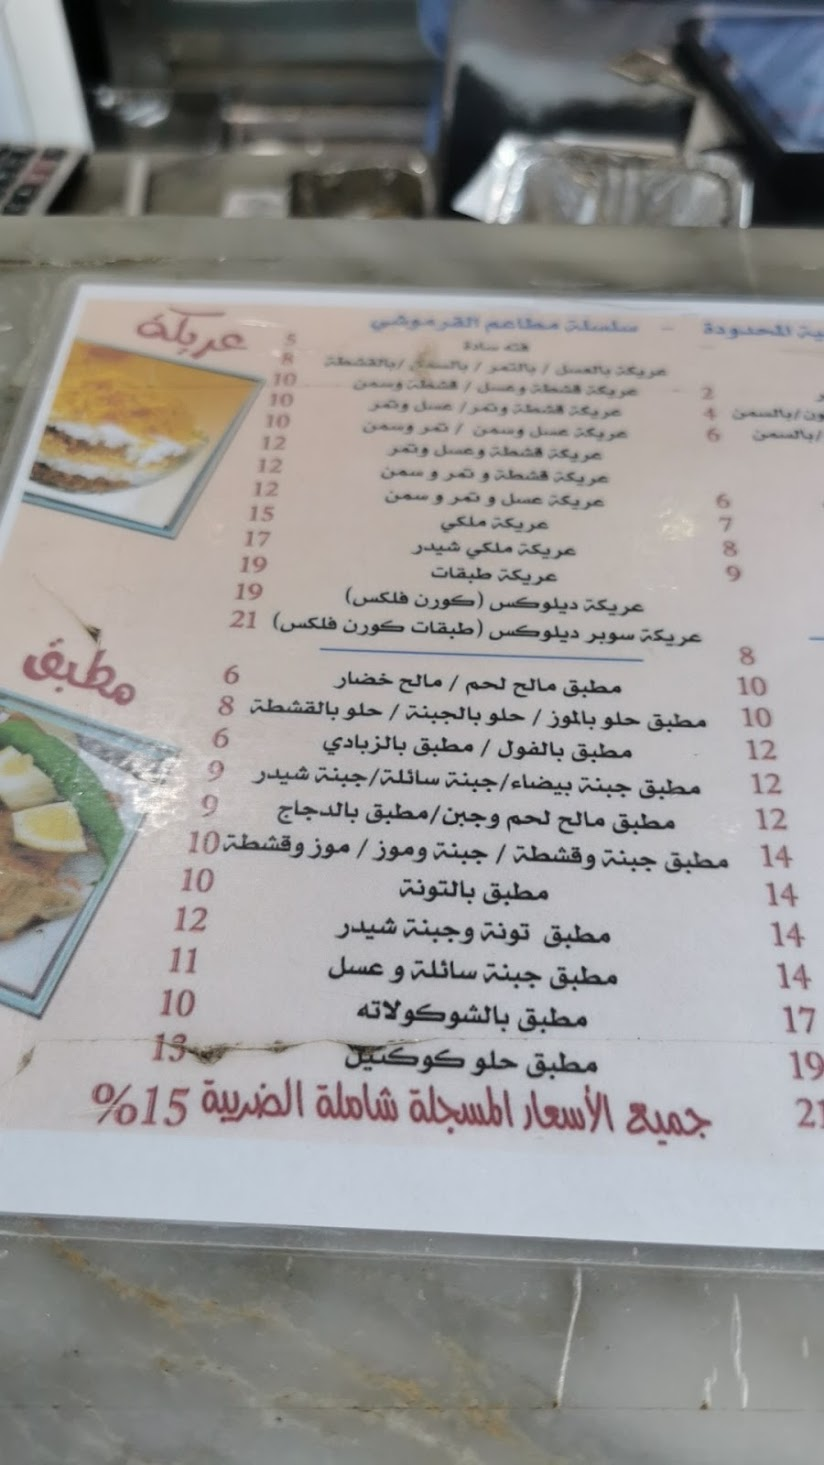 منيو مطعم القرموشي